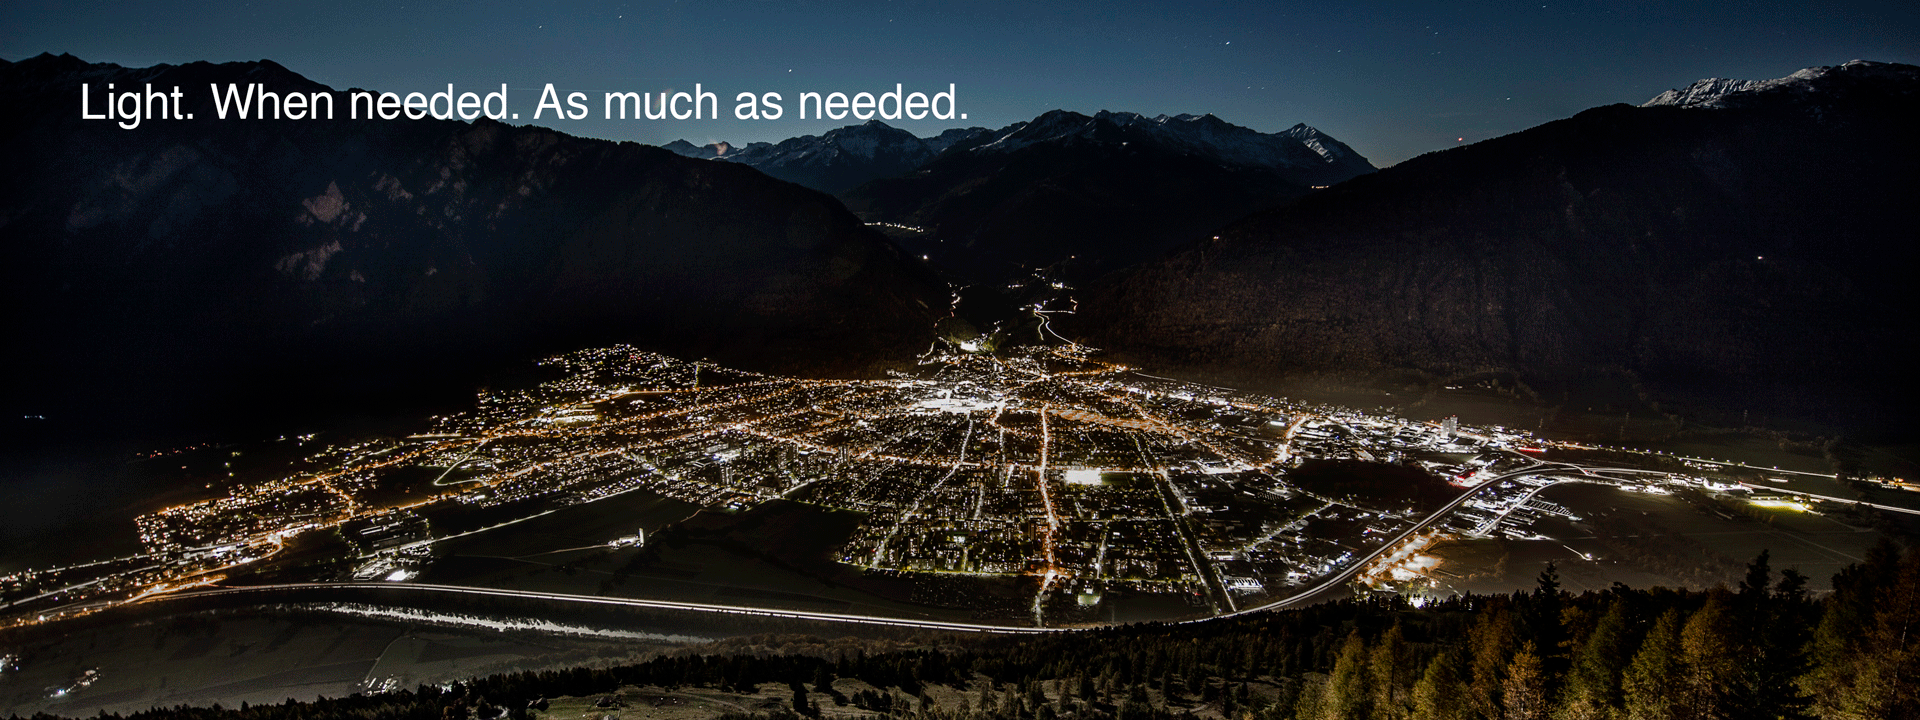 Intelligent street lighting for the city of Chur